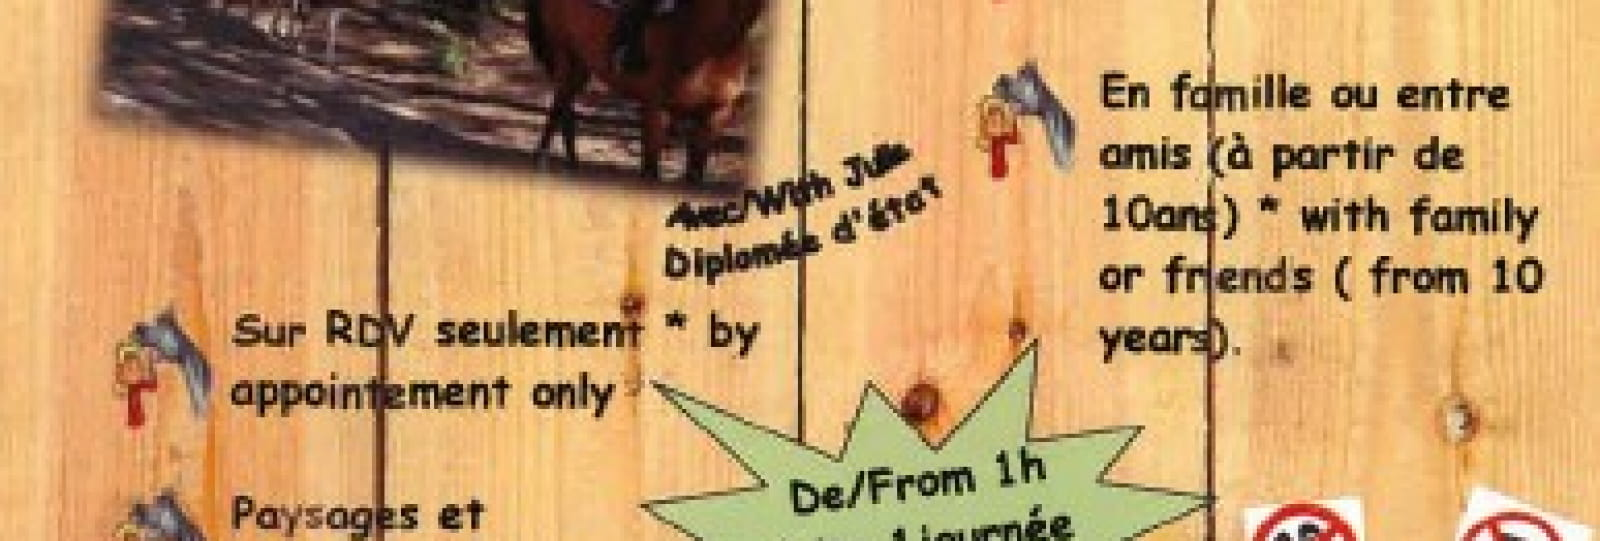 Sensations Equestres - Equitation & Poney